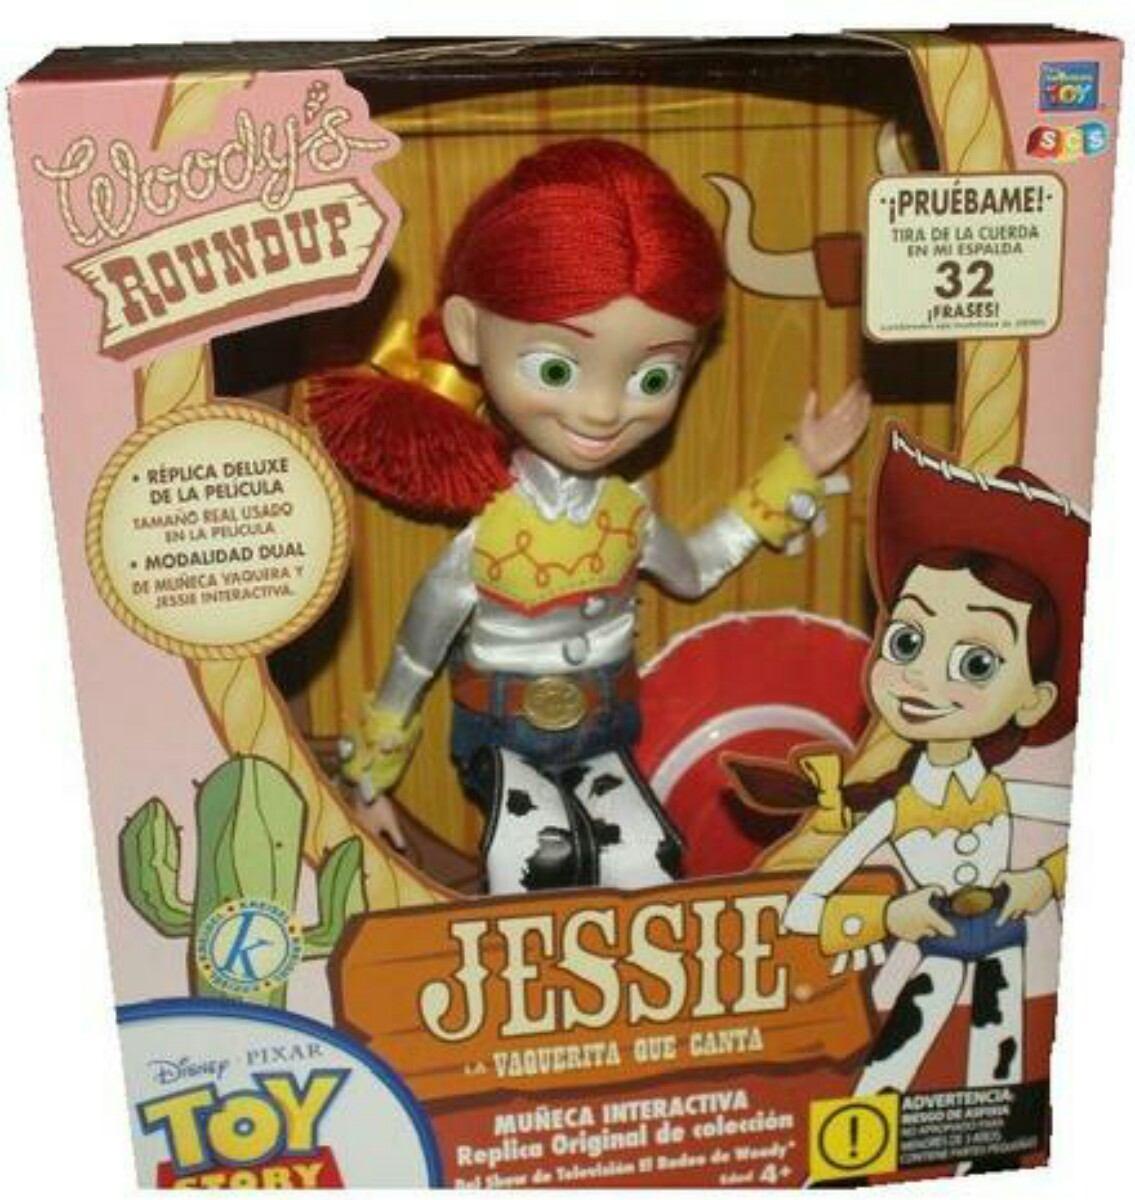 a443a79871c02 jessie juguete de andy en toy story. Cargando zoom.